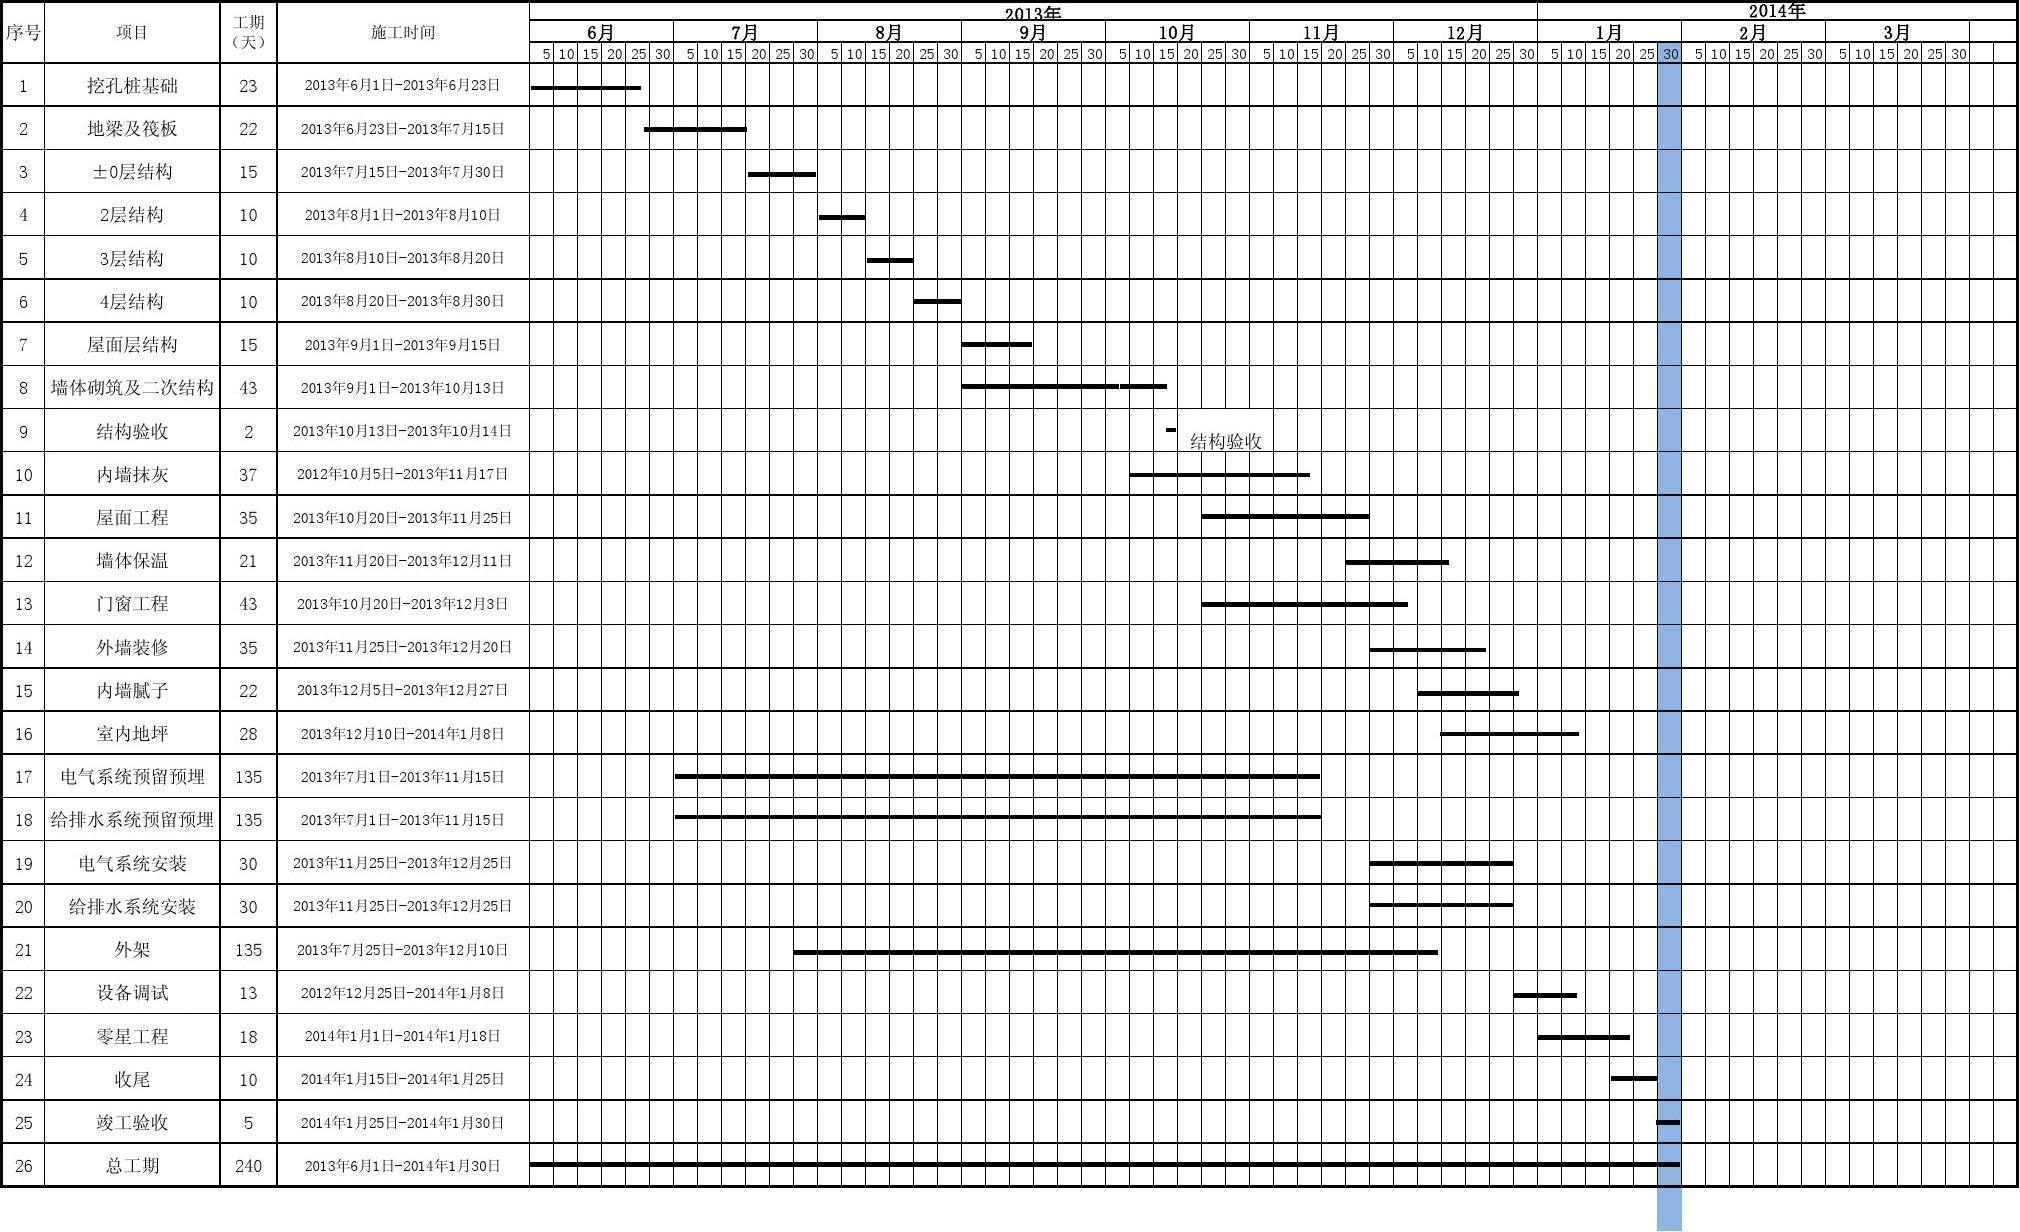 我公司控制工程总工期(按照甲方提供的具体工程清单)